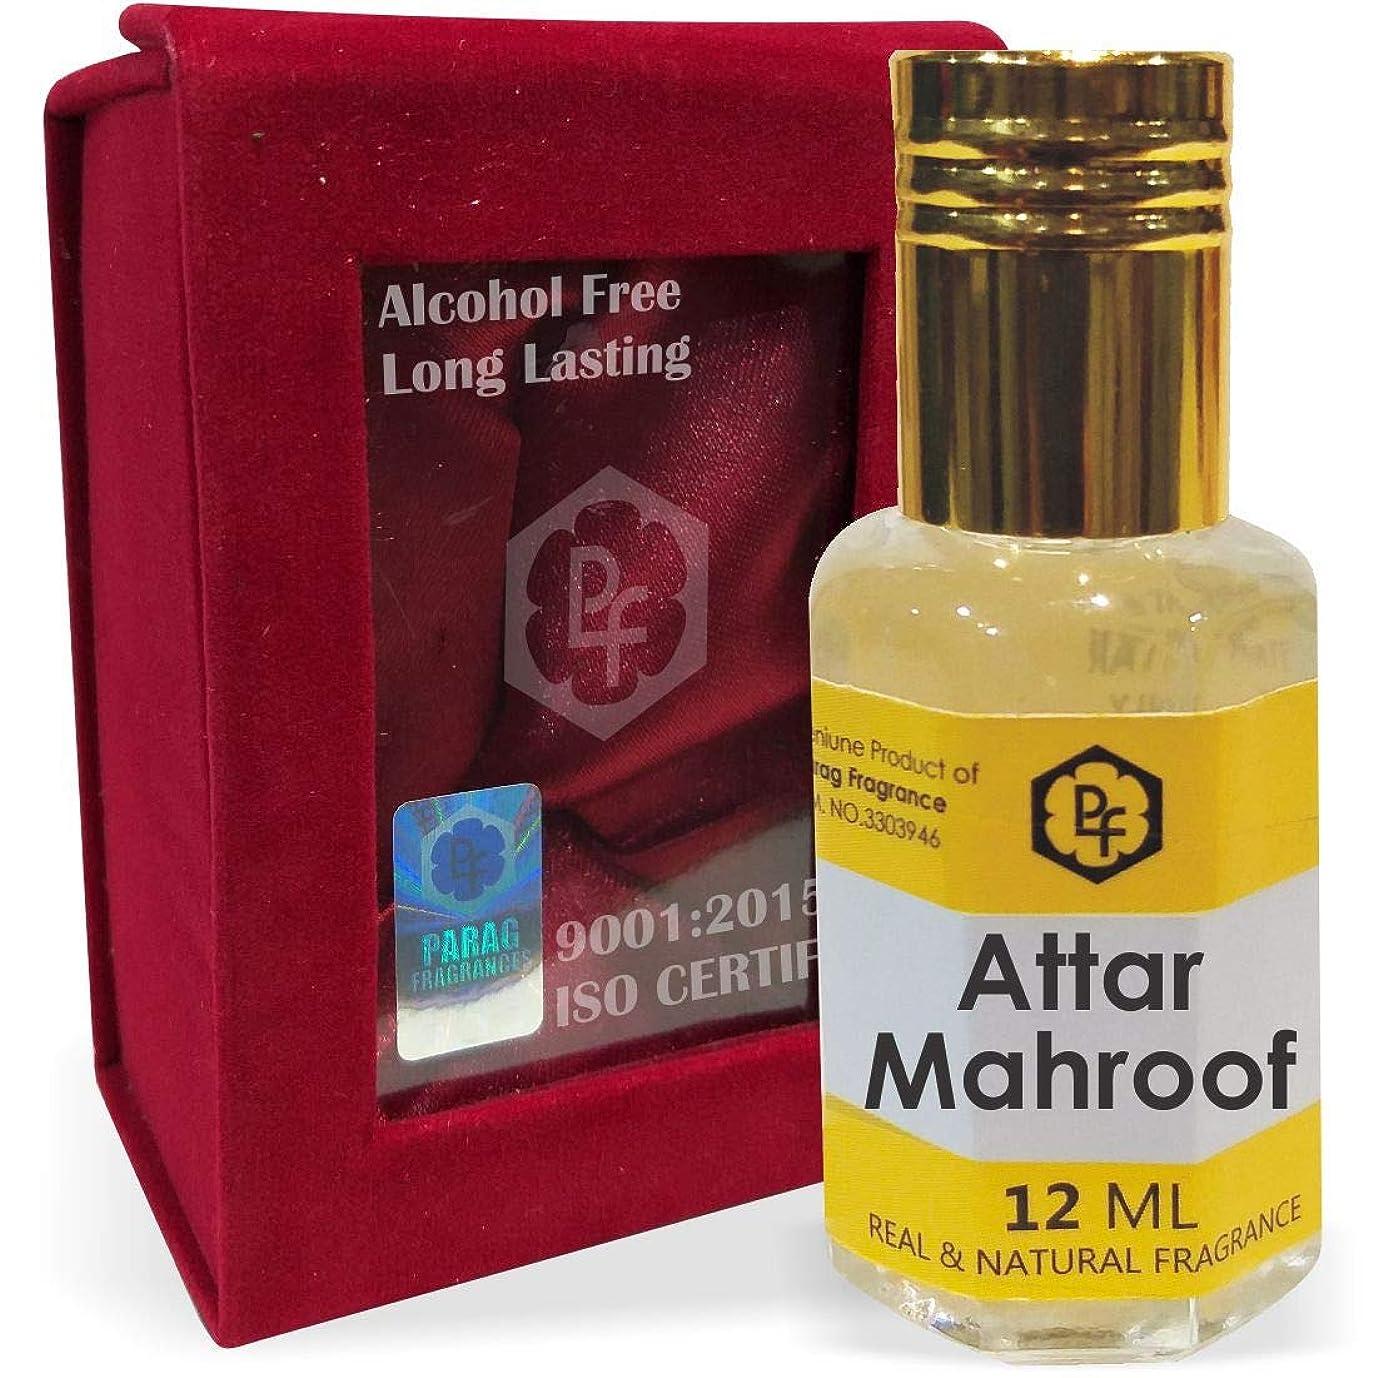 にもかかわらずアクチュエータ子供時代Paragフレグランス手作りベルベットボックスMahroof 12ミリリットルアター/香水(インドの伝統的なBhapka処理方法により、インド製)オイル/フレグランスオイル 長持ちアターITRA最高の品質